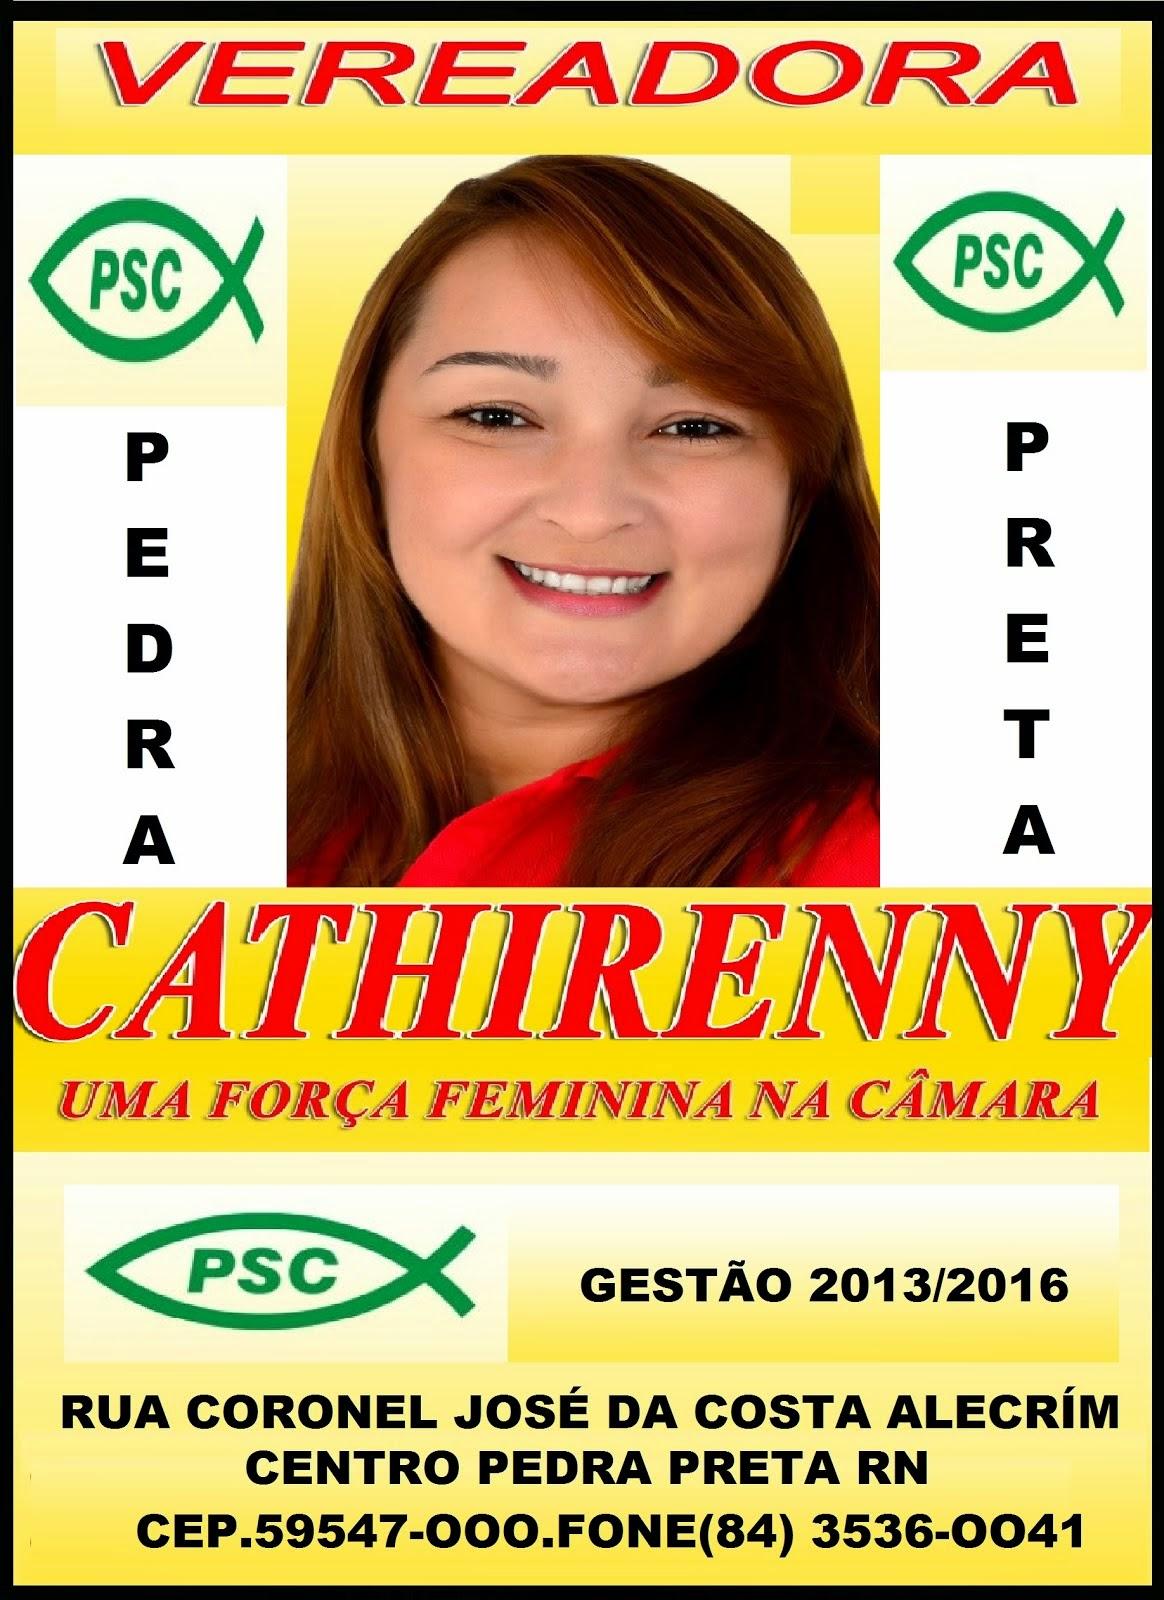 VEREADORA CATHIRENNY TEÍXEÍRA PEDRA PRETA RN